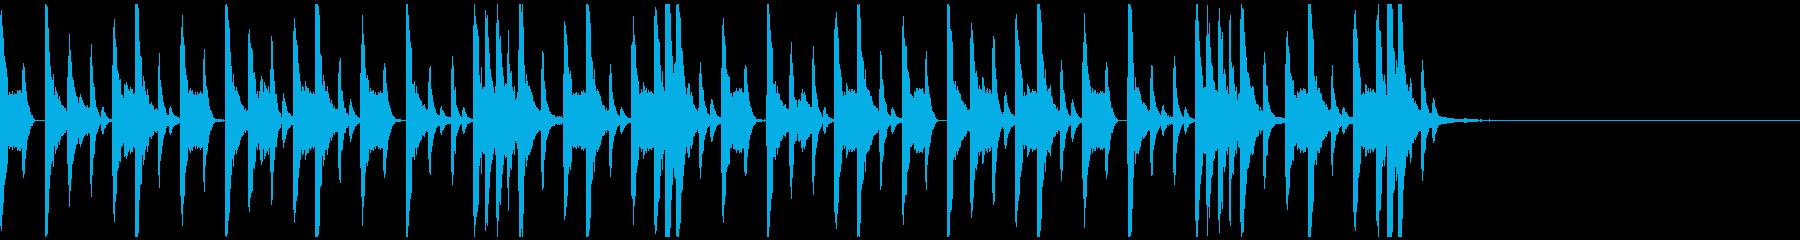 ドラムンベースのリズムパターン02の再生済みの波形